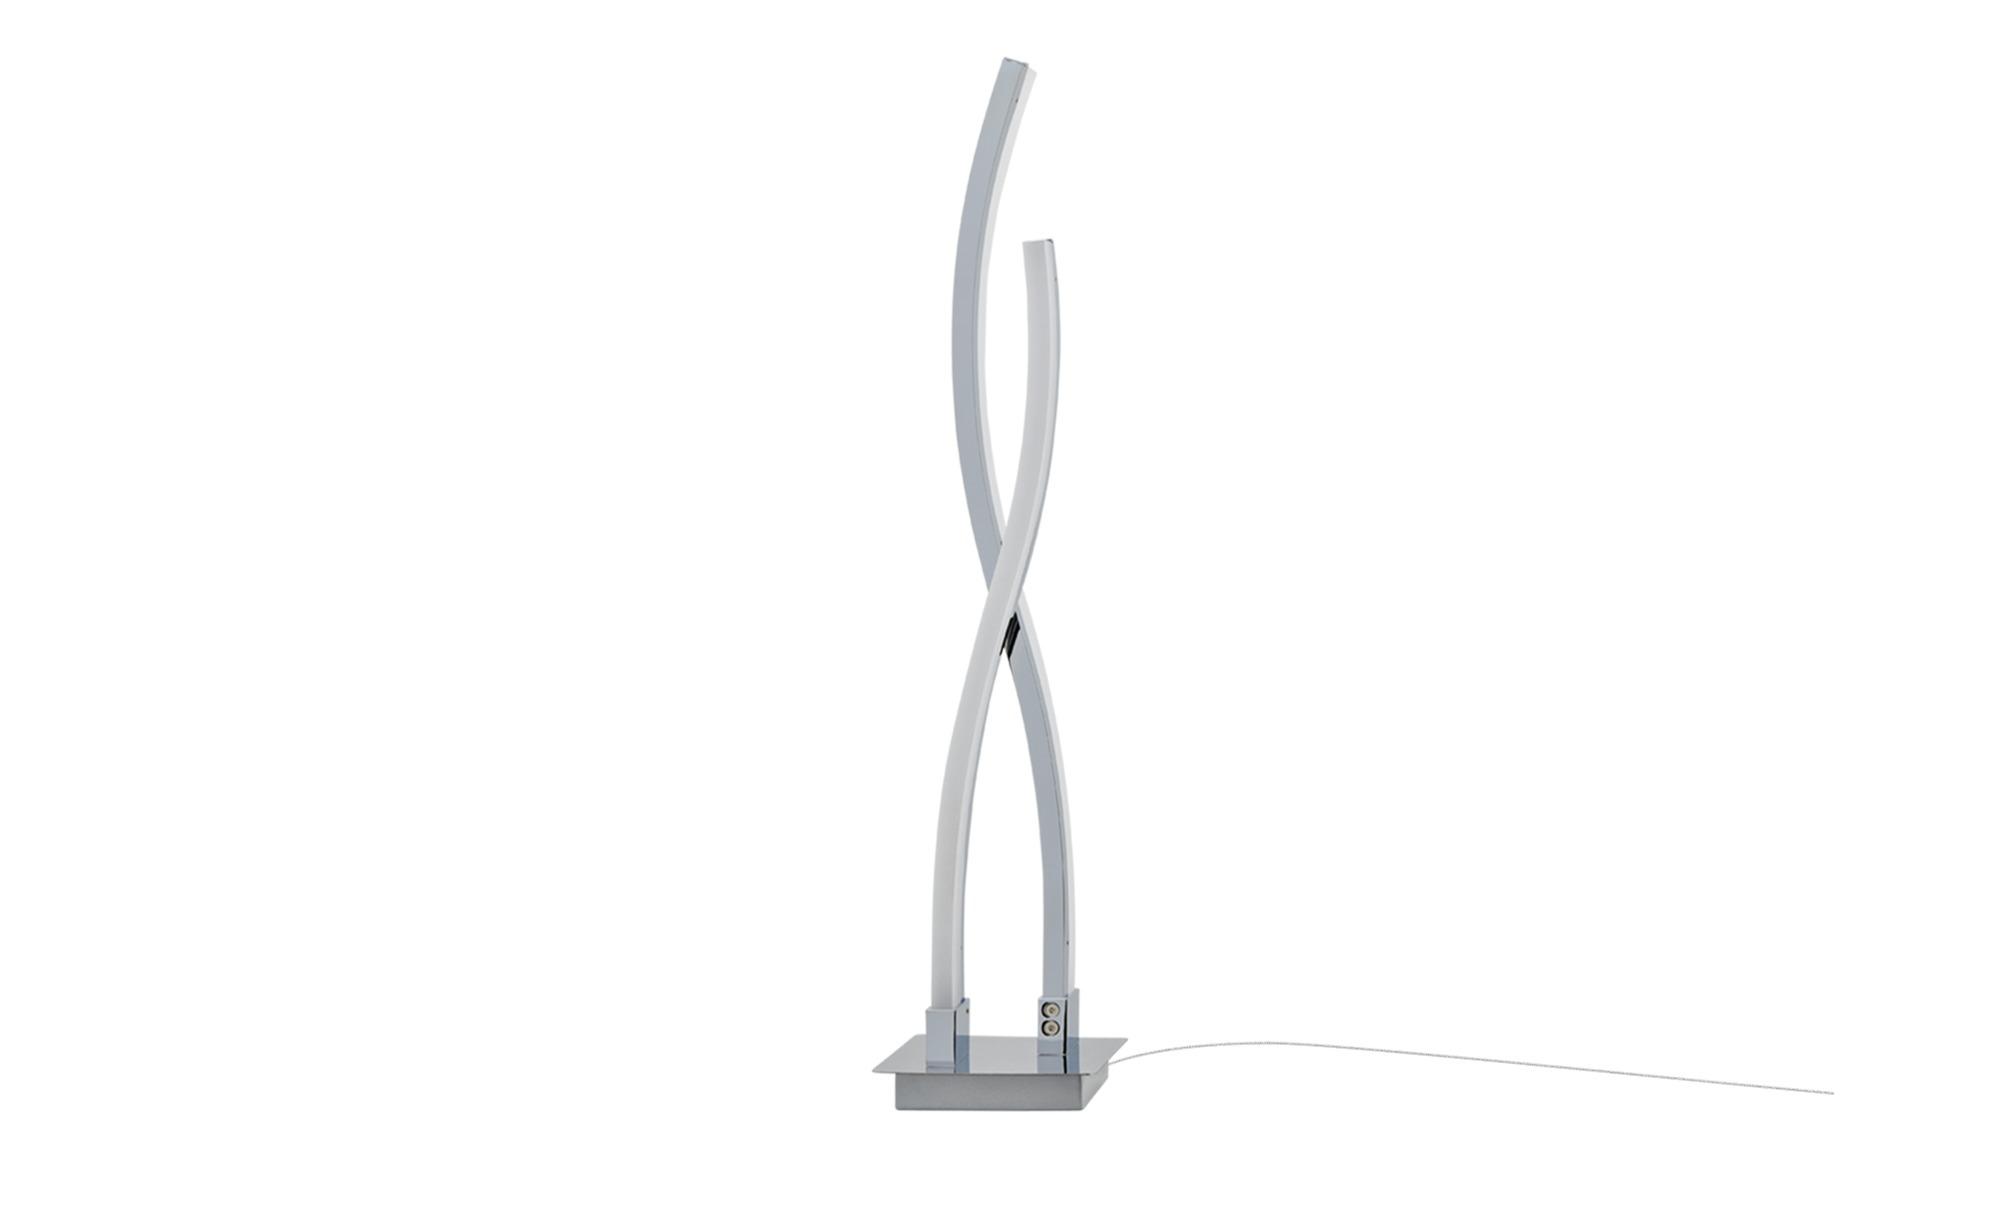 KHG LED-Tischleuchte, chrom `Wavy` ¦ silber ¦ Maße (cm): H: 53,5 Ø: 12 Lampen & Leuchten > Innenleuchten > Tischlampen - Höffner